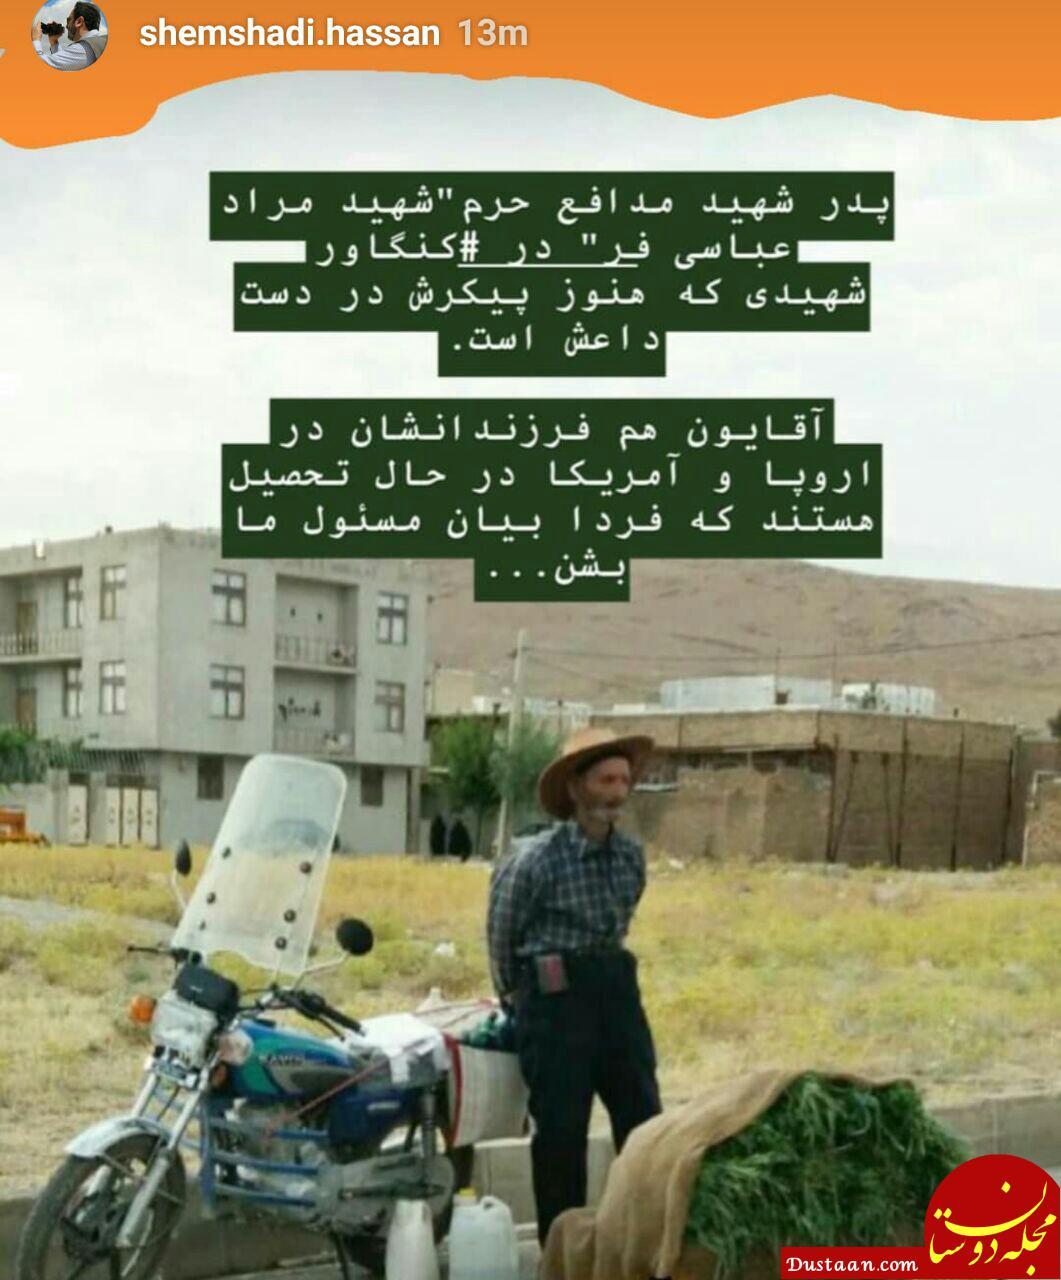 پدر شهید مدافع حرم در حال دستفروشی! +عکس